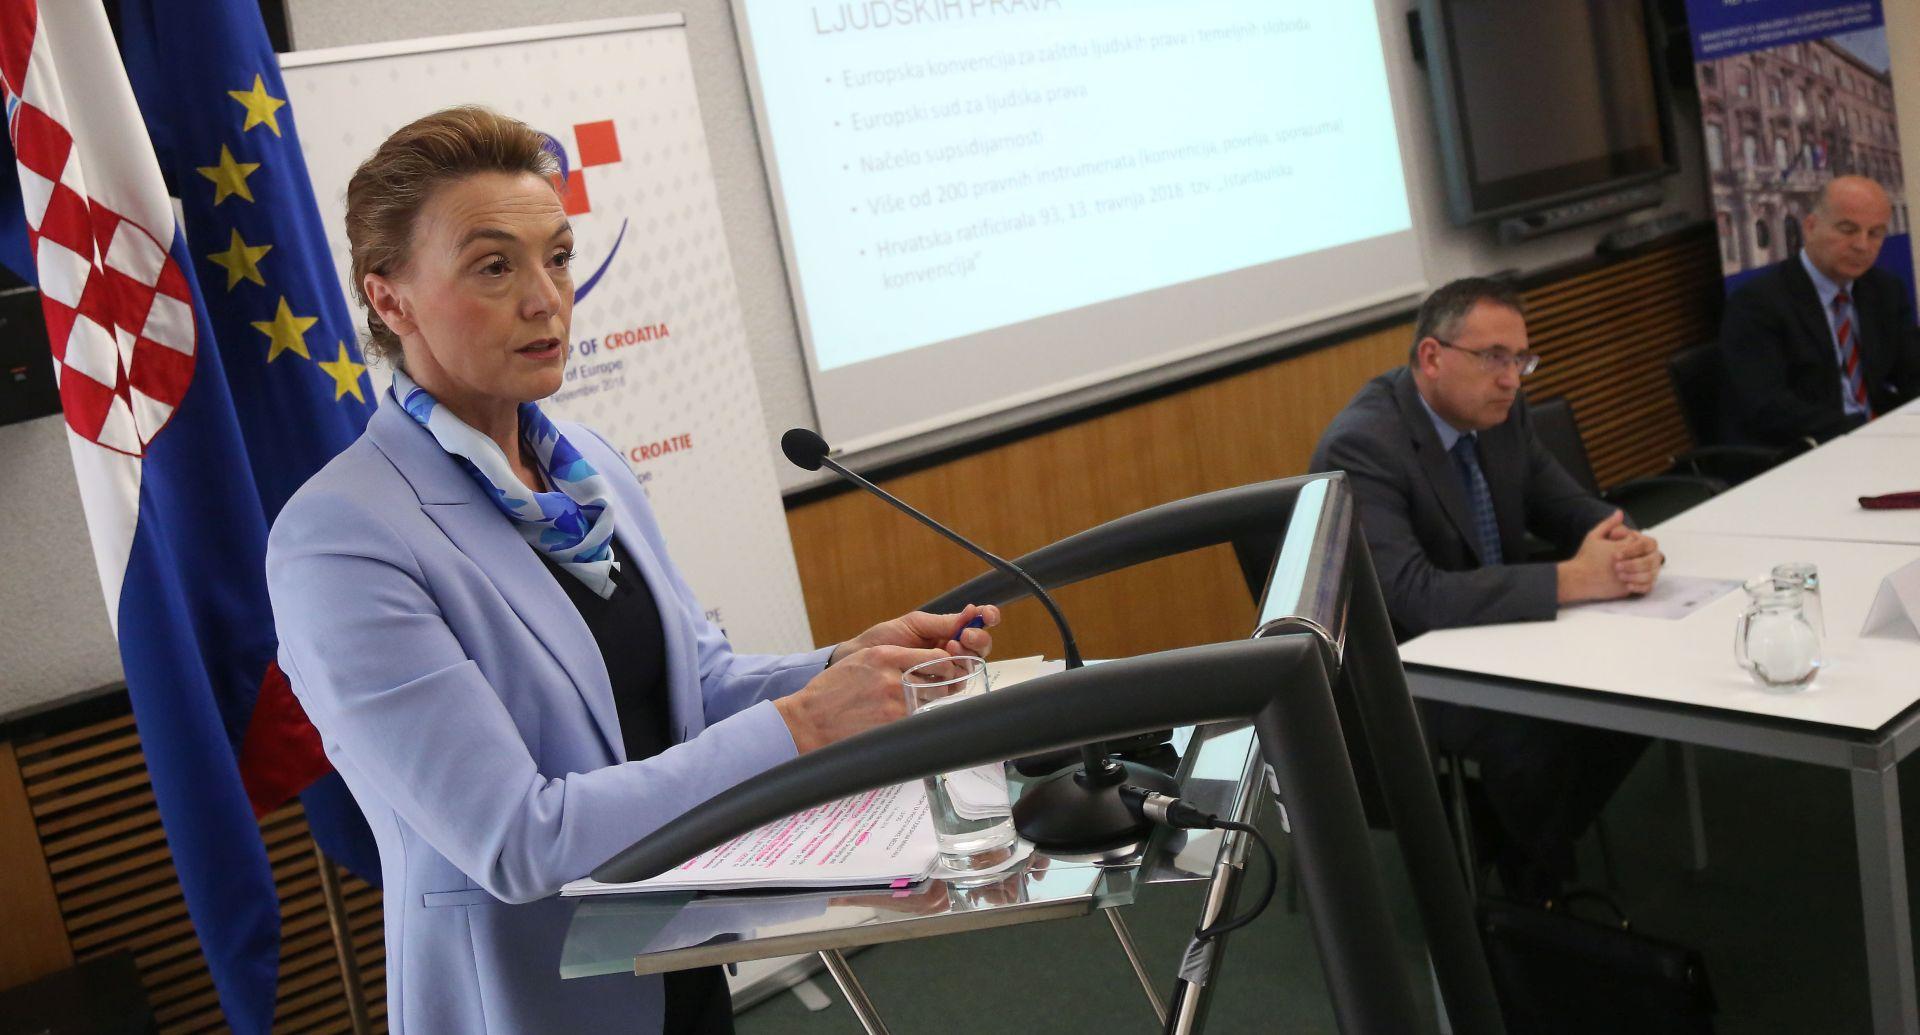 Hrvatska preuzima predsjedanje VE i zagovara Istanbulsku konvenciju